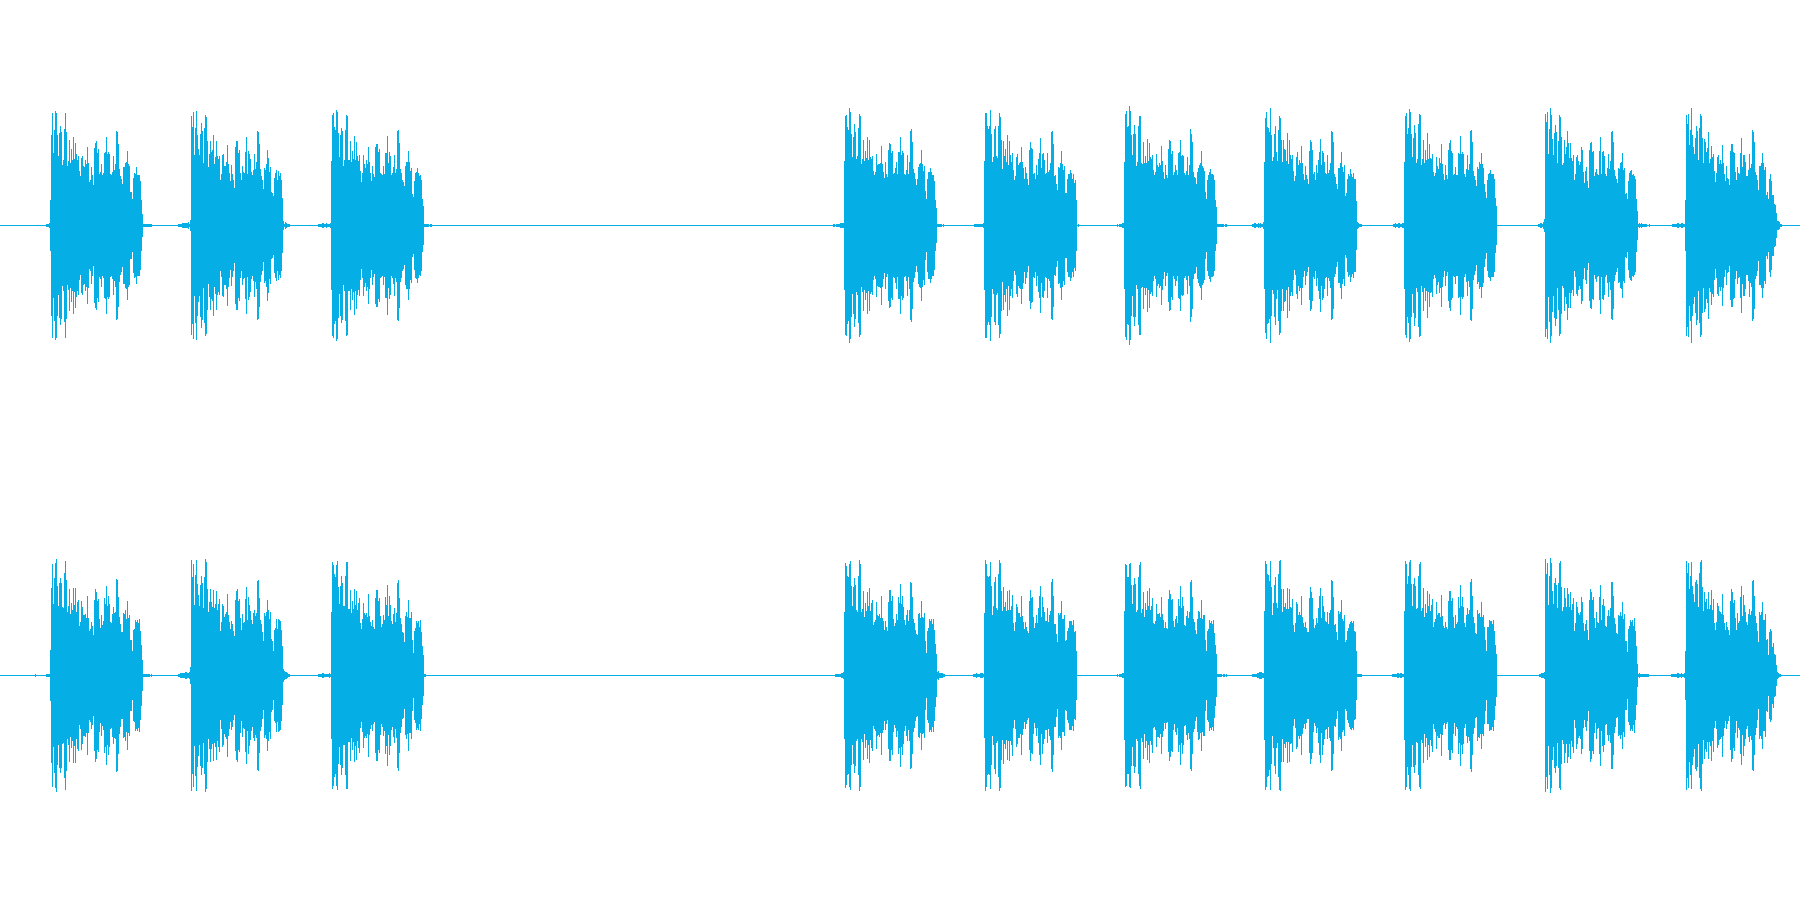 【スキャン・解析・アラーム・ロボット】の再生済みの波形